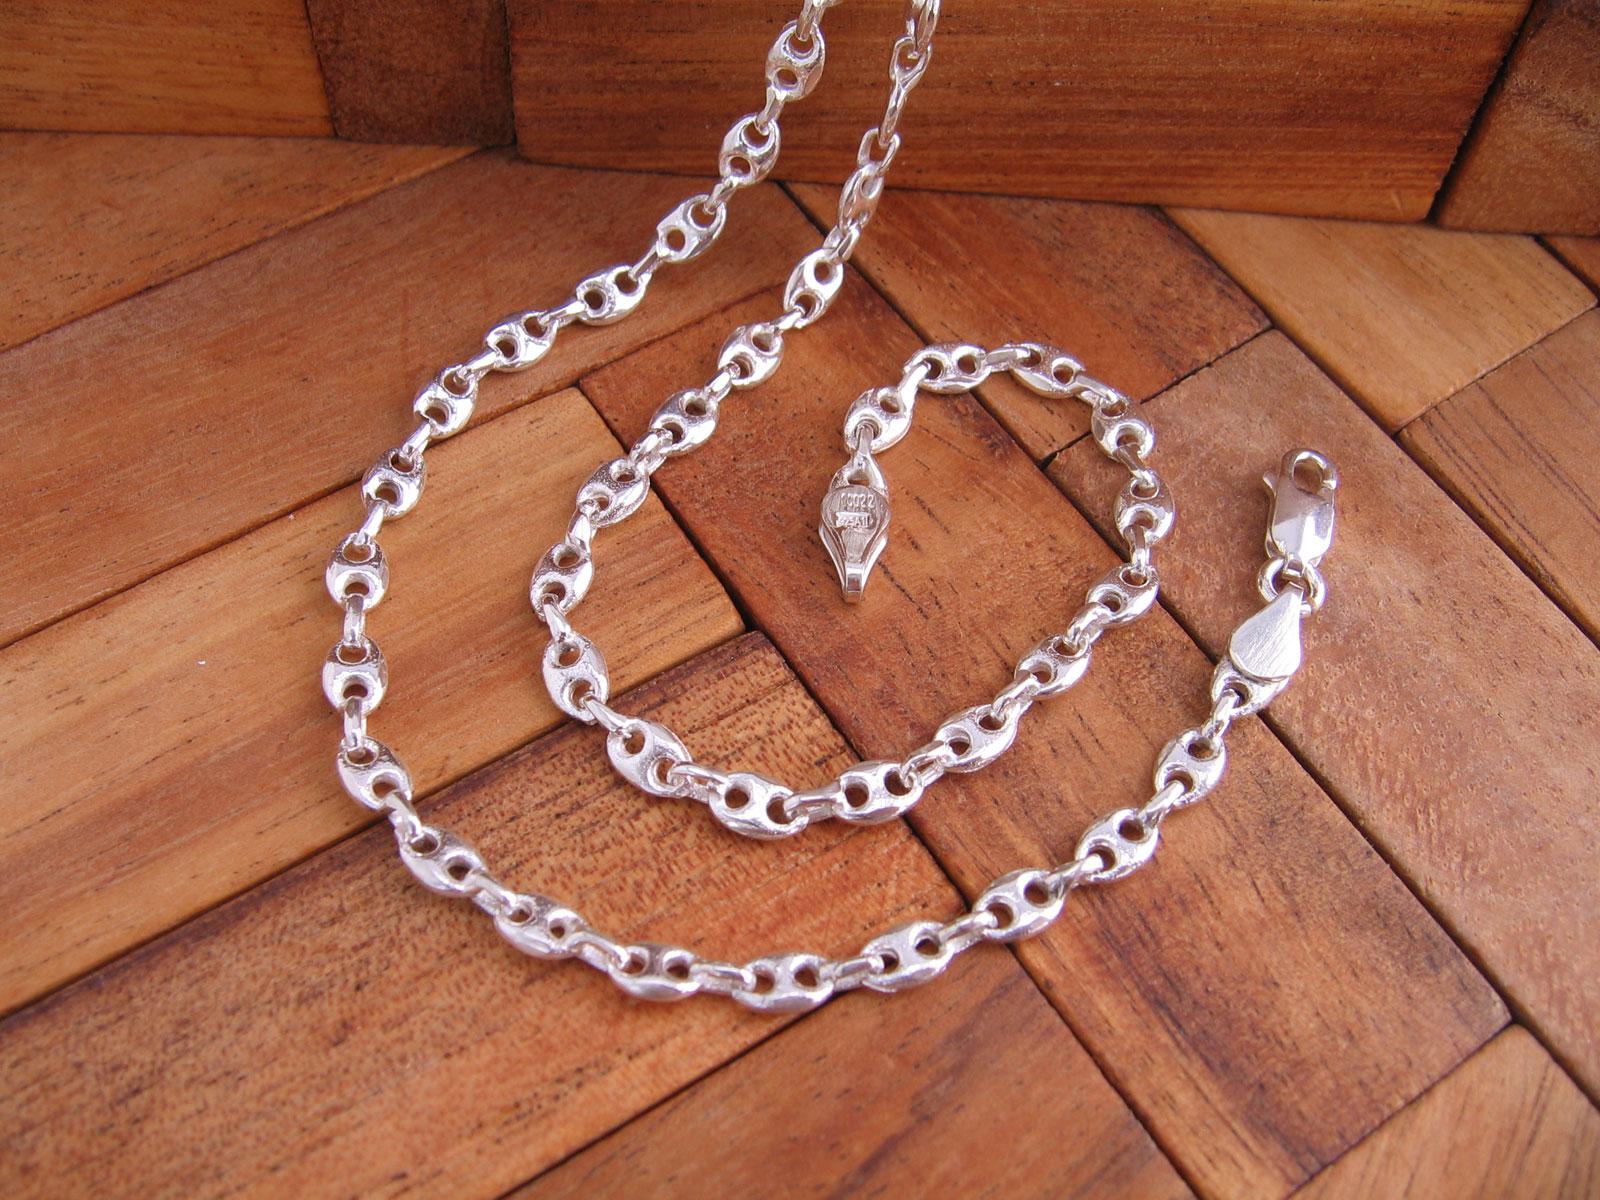 17fbc1d06d5b Collar Cadena Calabrote grueso 50 cm en Plata de Ley 925 ml